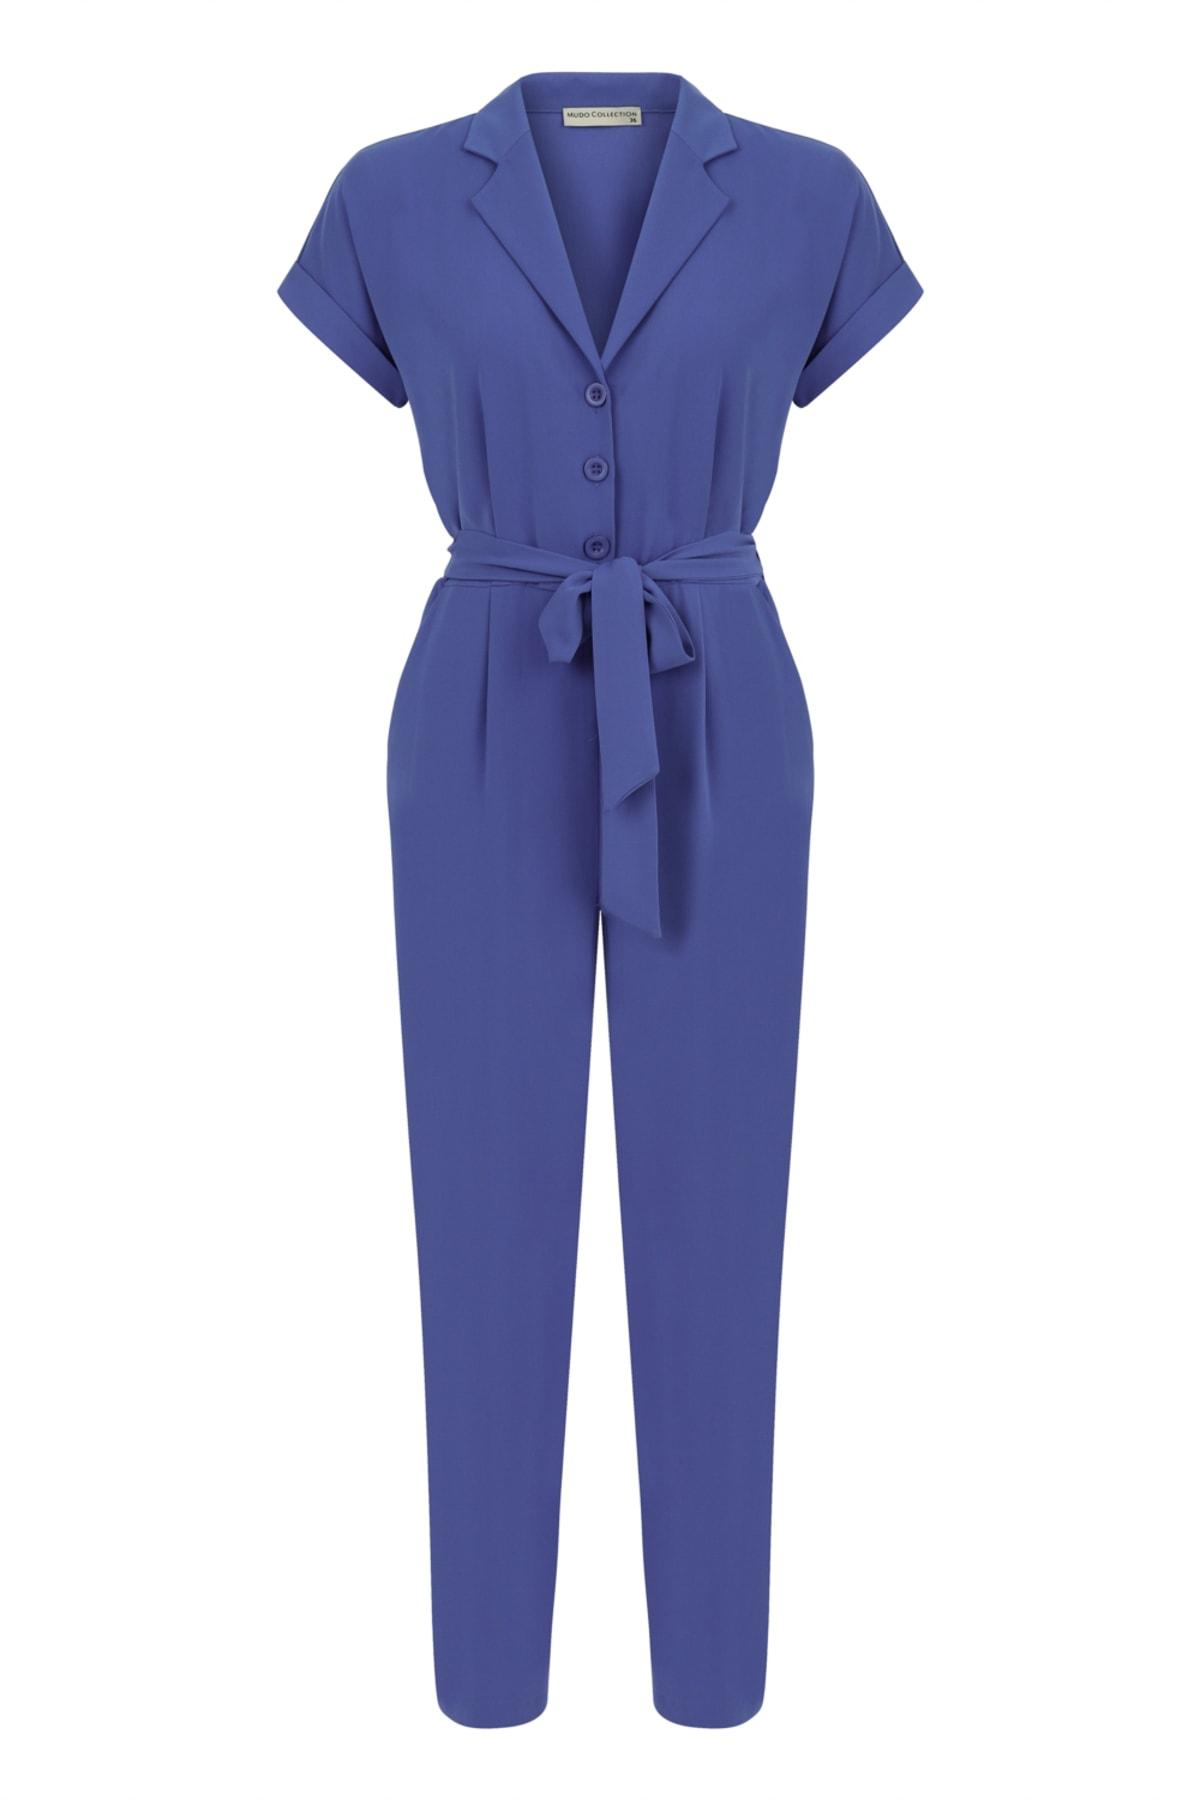 Kadın Mavi Bağlamalı Maxi Tulum 380350